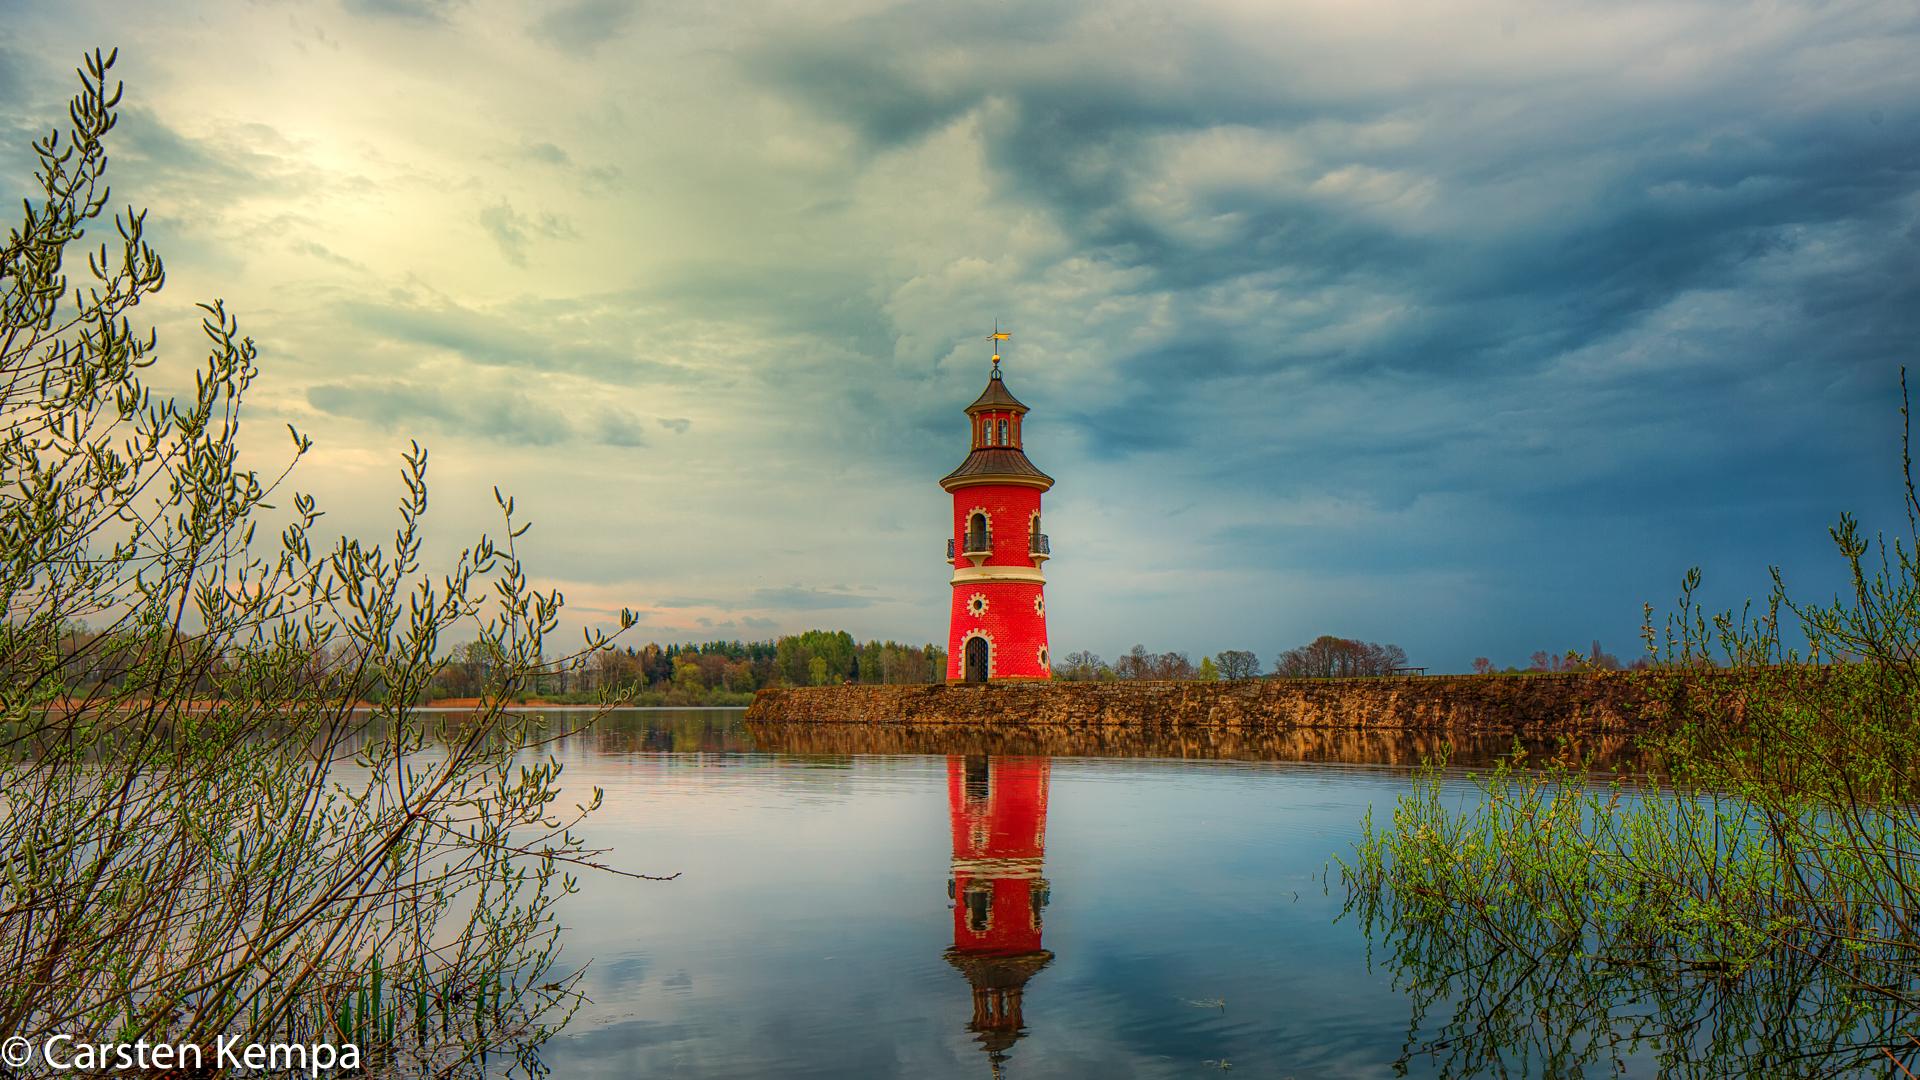 Moritzburg Lighthouse, Germany